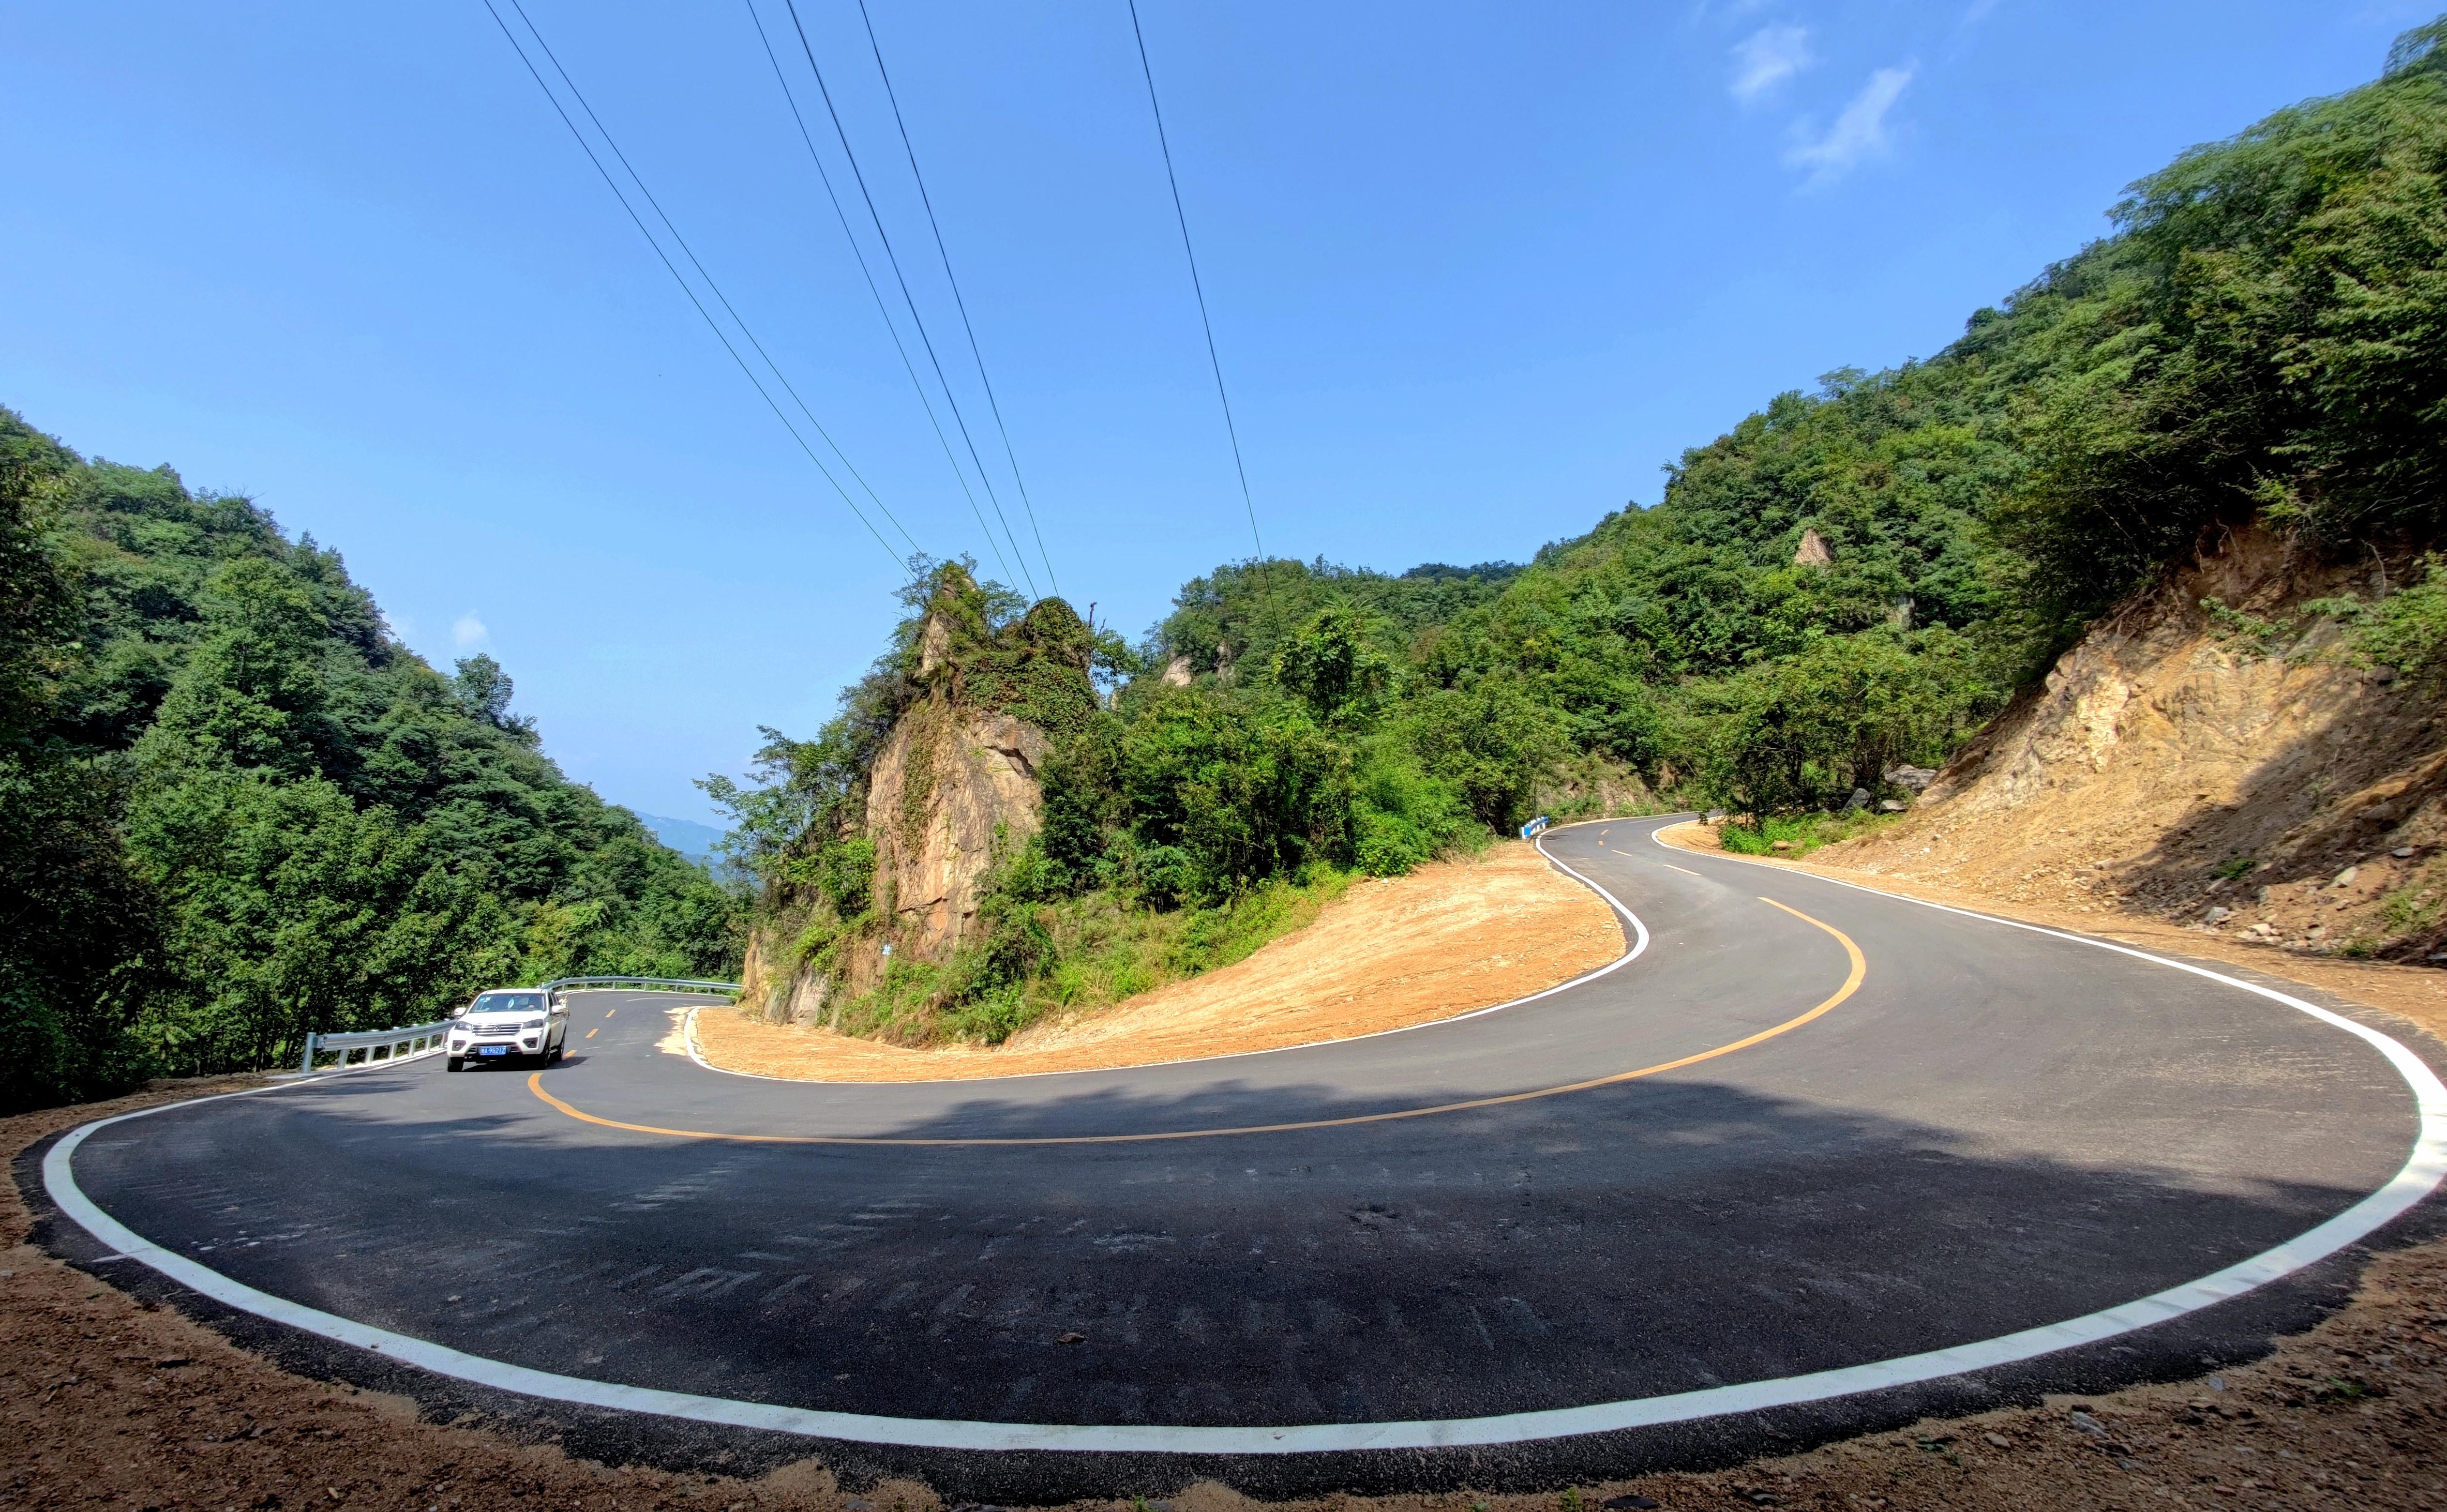 河南鲁山:大道如虹铺坦途 交通实现大发展